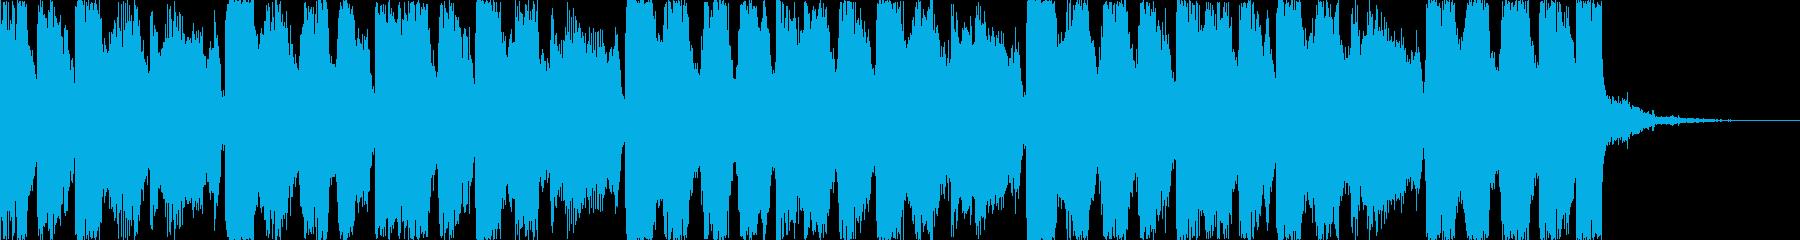 おしゃれコーポレートコマーシャルEDMdの再生済みの波形